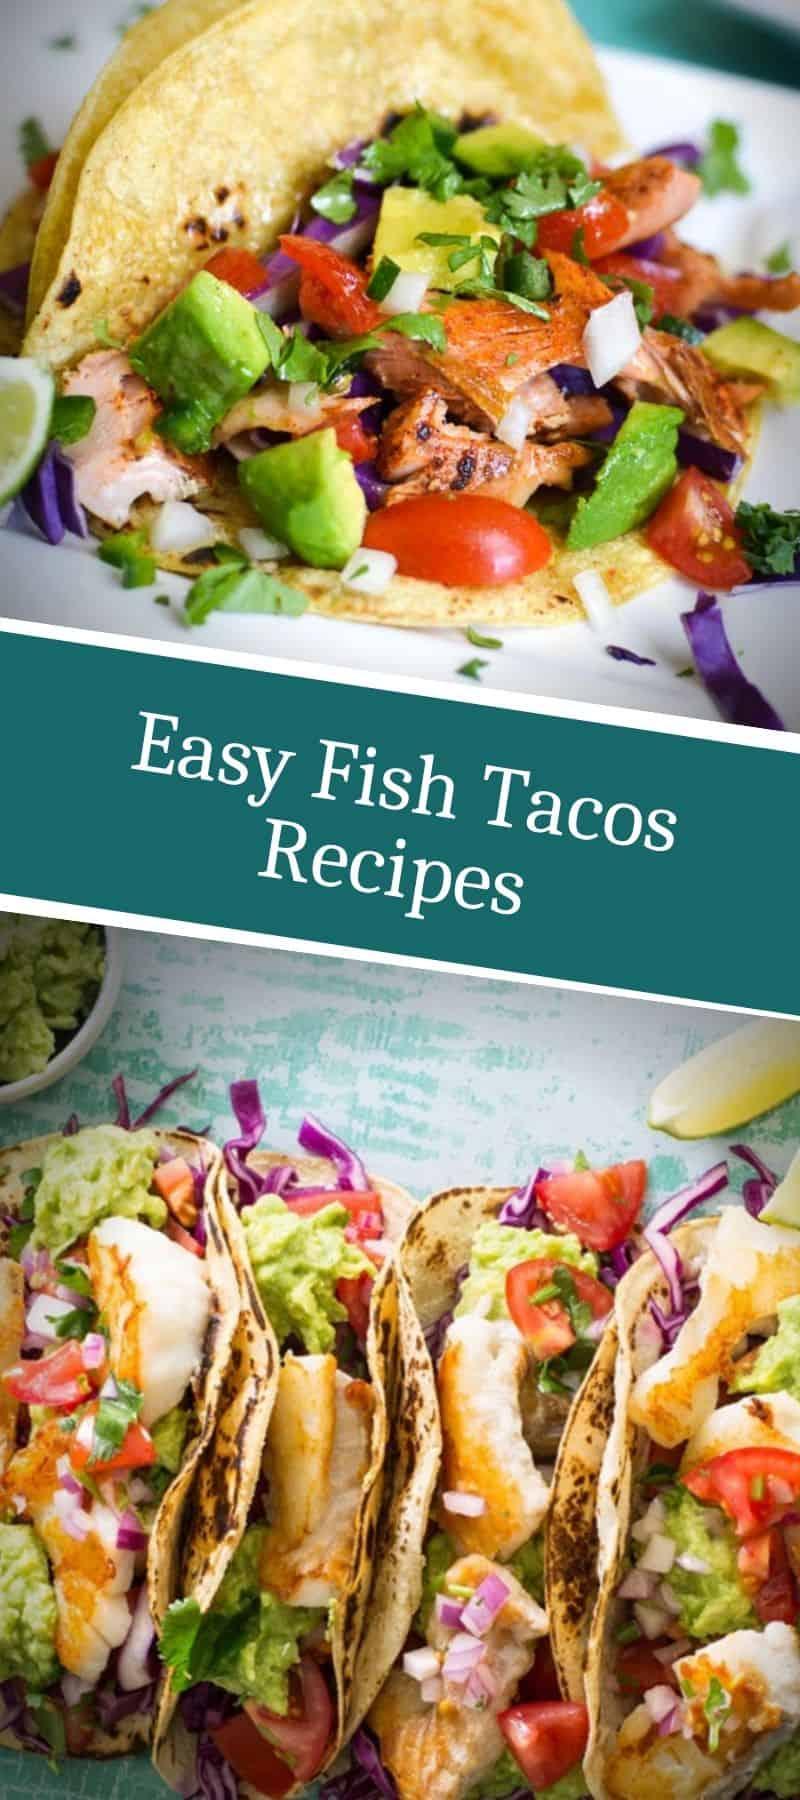 Easy Fish Tacos Recipes 3